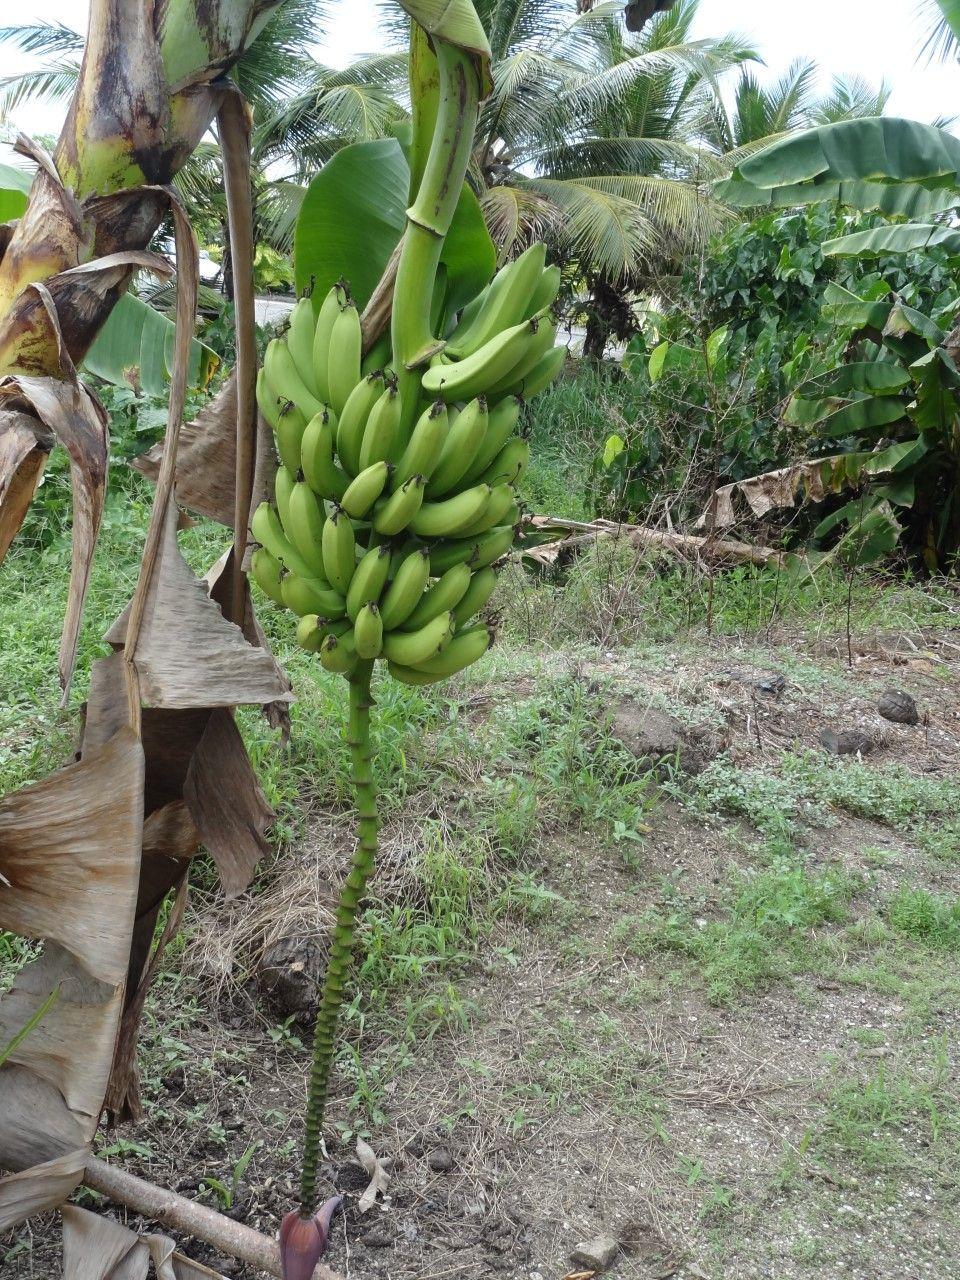 Banana How to grow bananas, Banana, Travel food